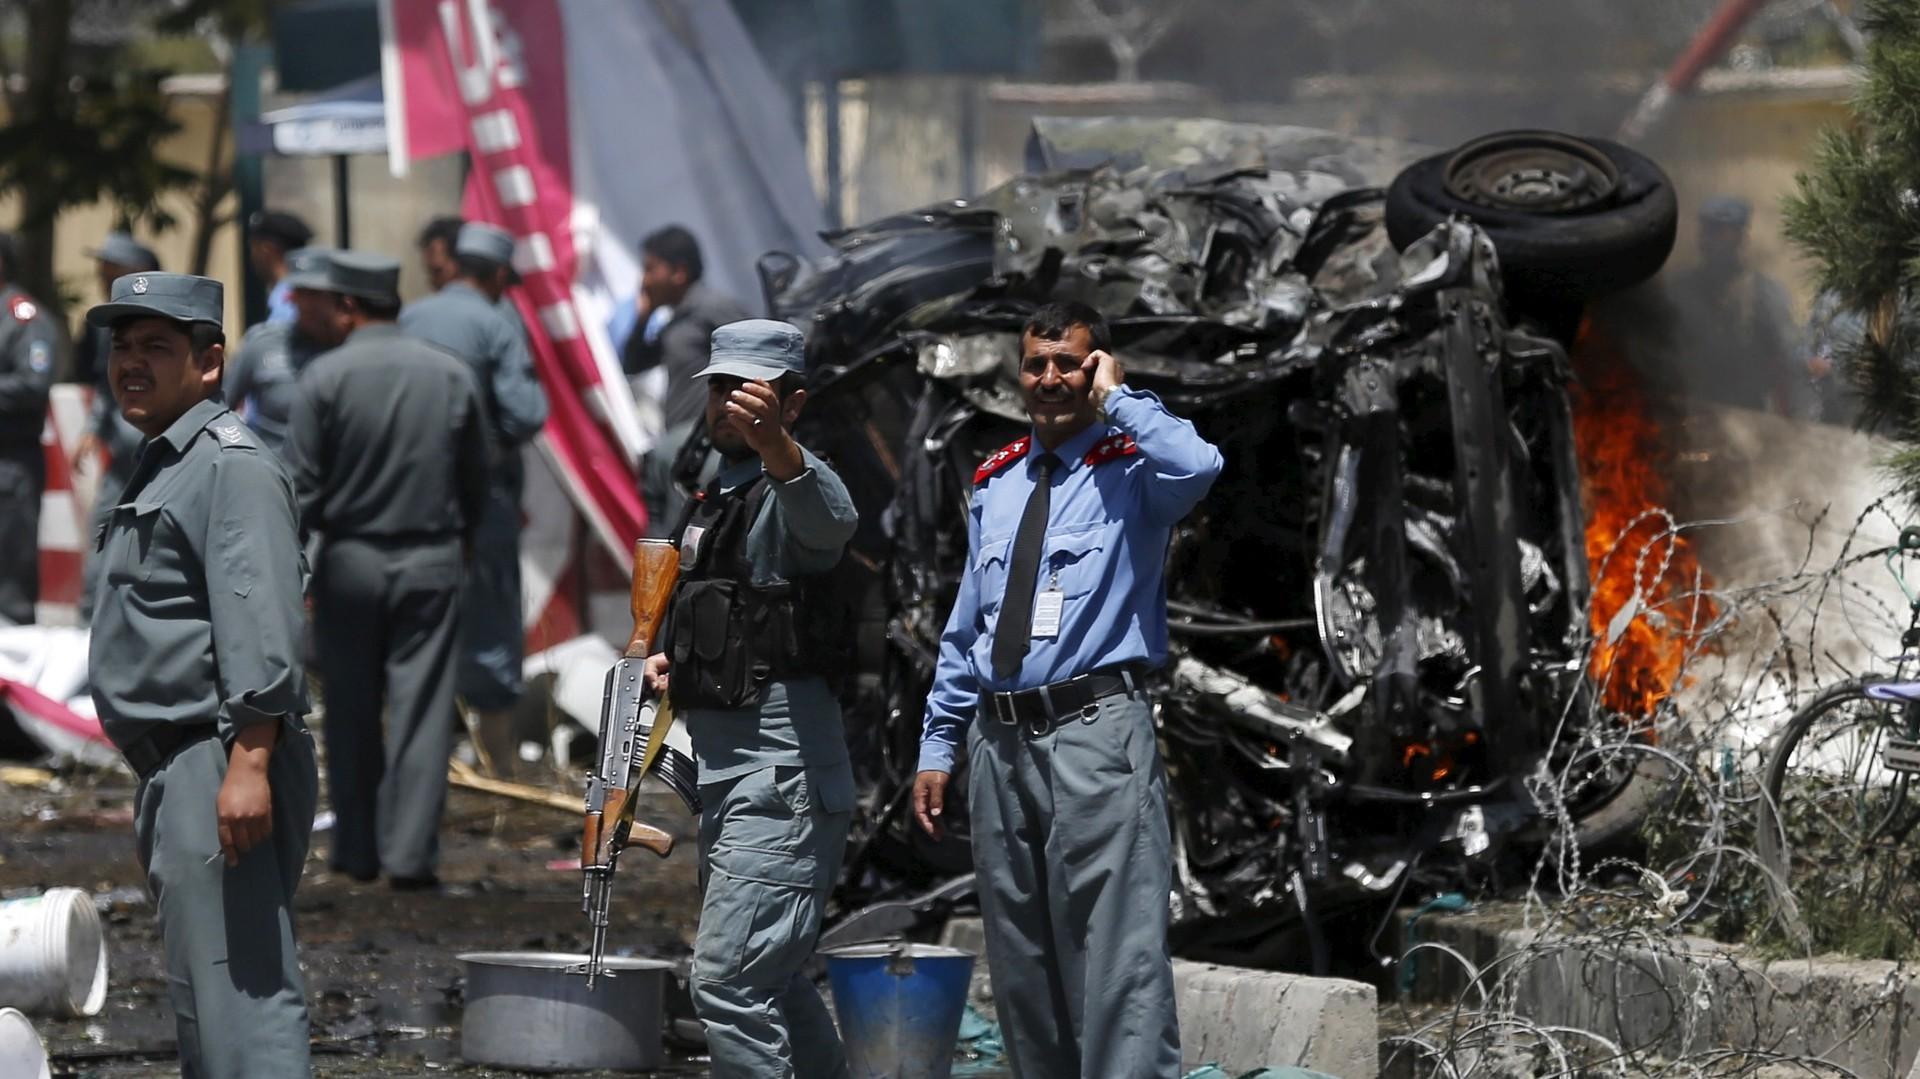 Une explosion s'est produite lundi 10 août à une heure de forte affluence